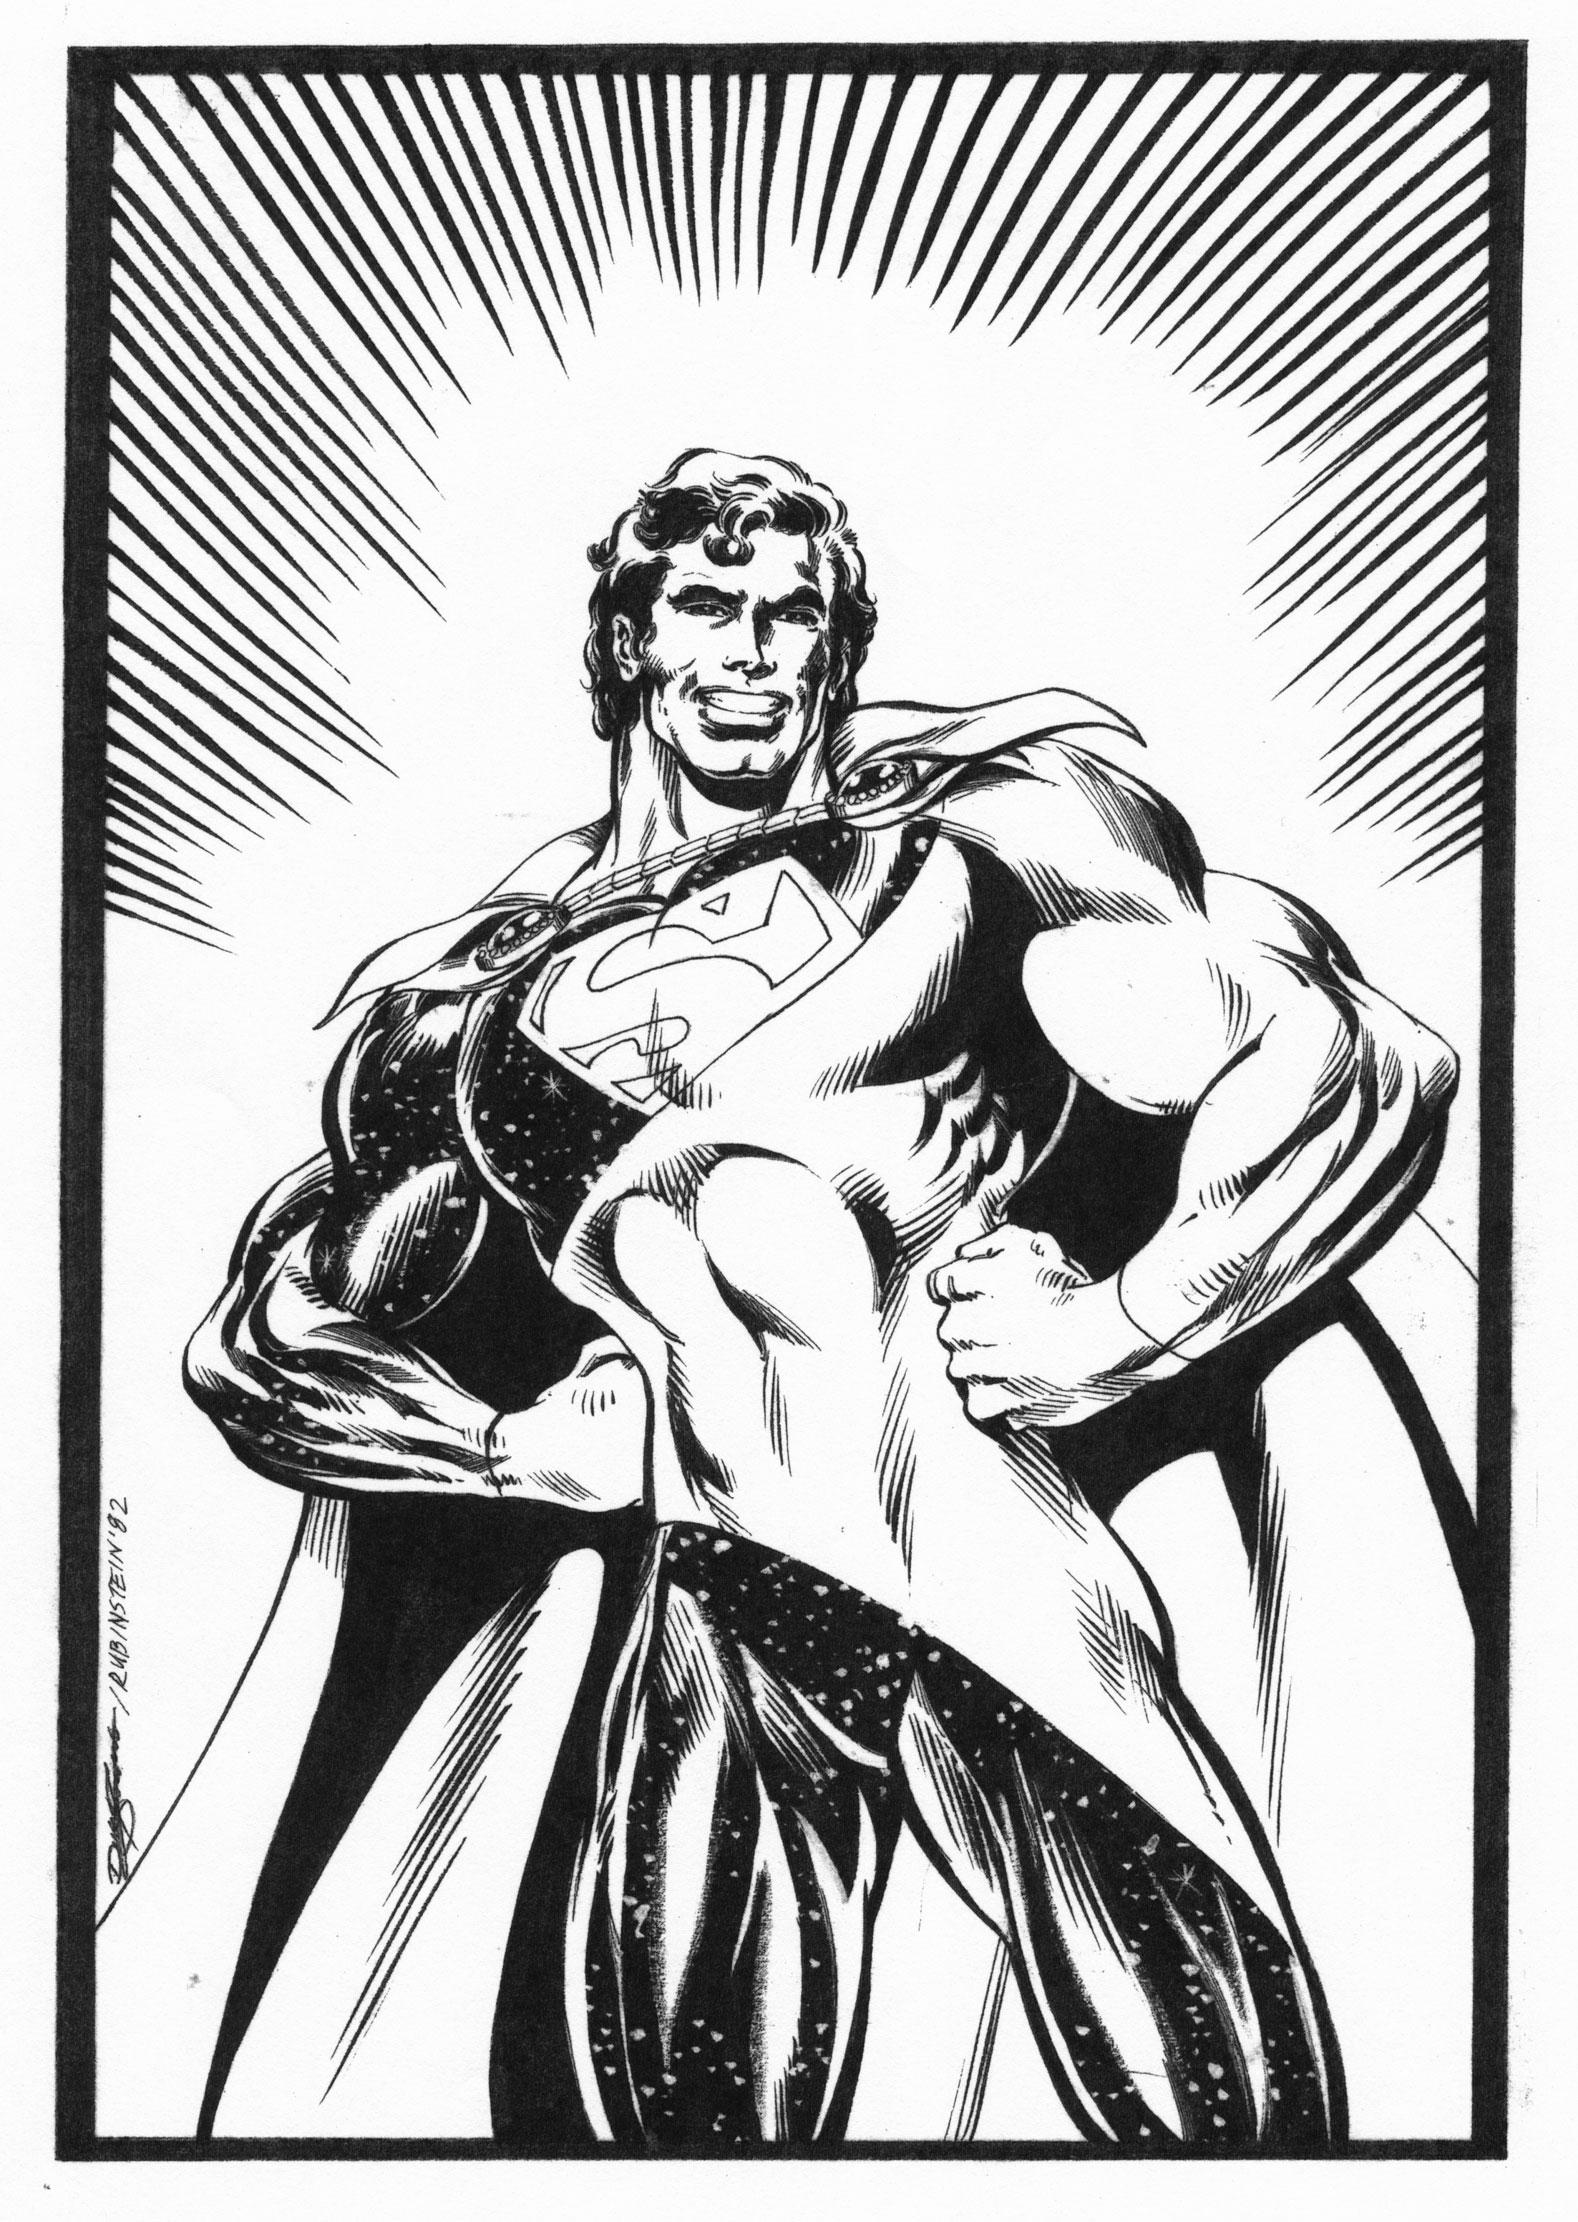 DAN JURGENS 1982 FORMATIVE SUPERMAN ART Comic Art